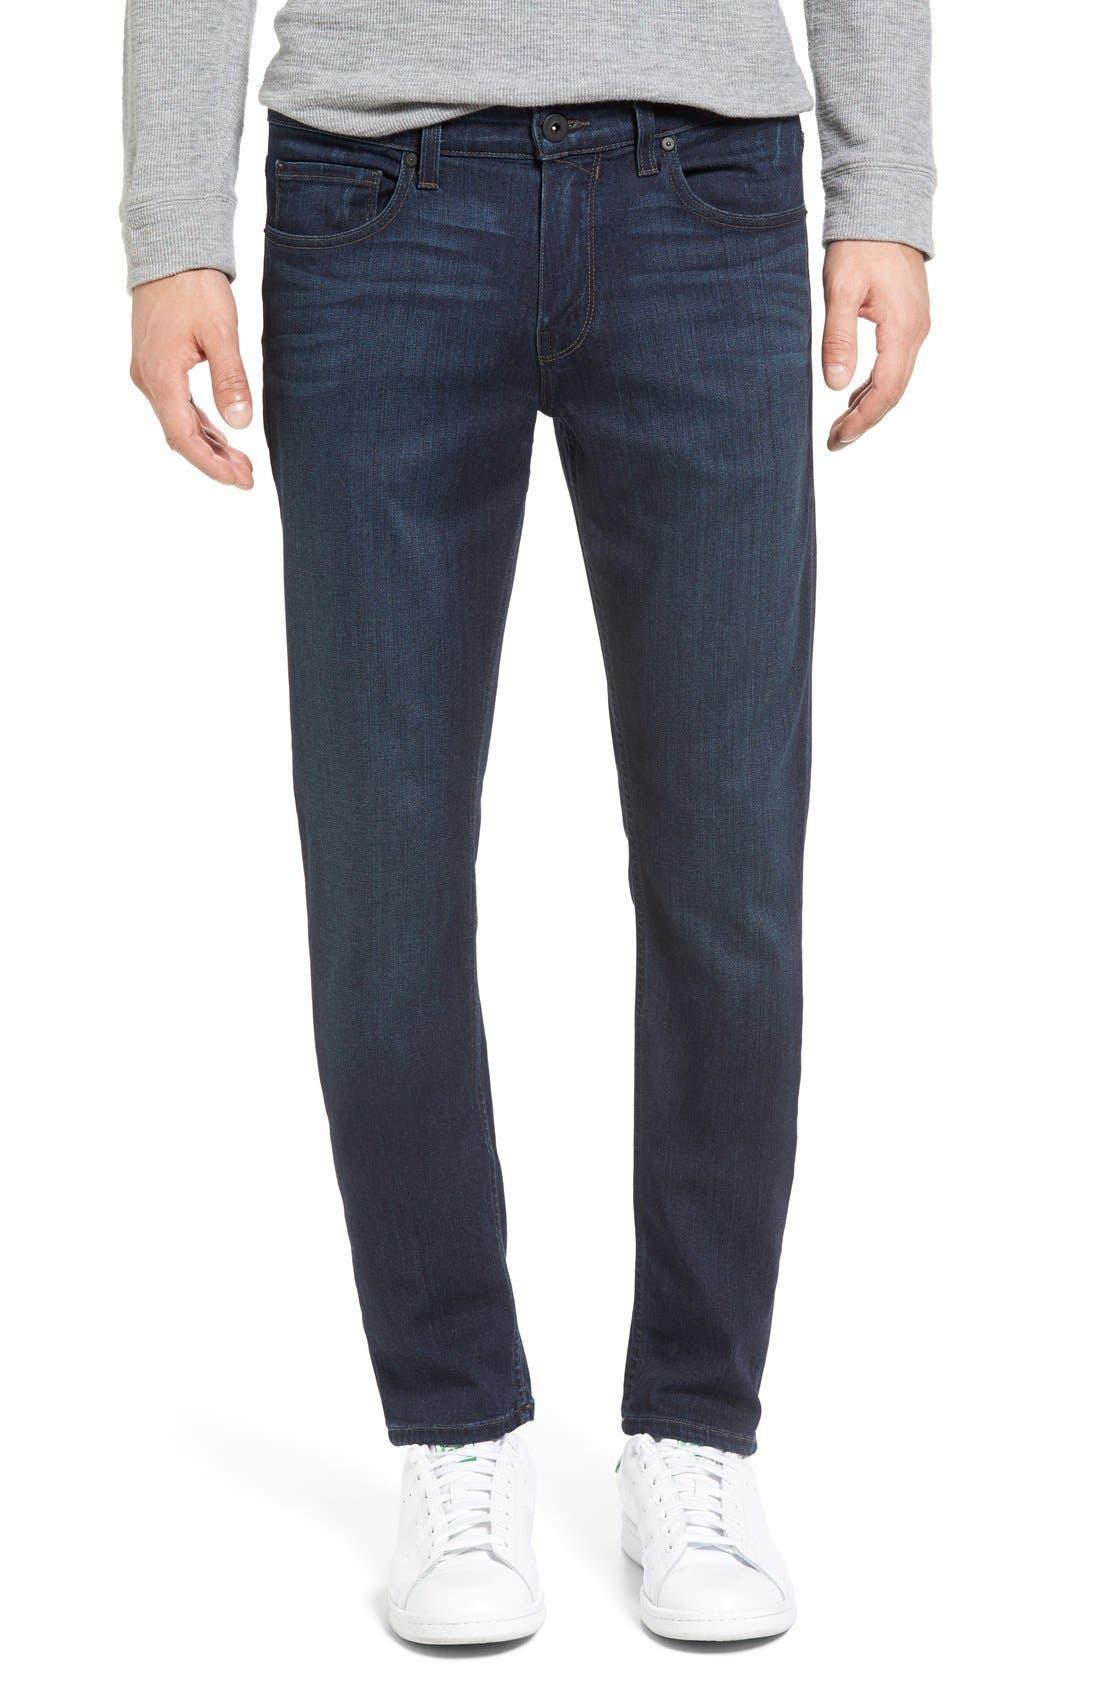 Transcend - Croft Skinny Fit Jeans,                         Main,                         color, After Hours